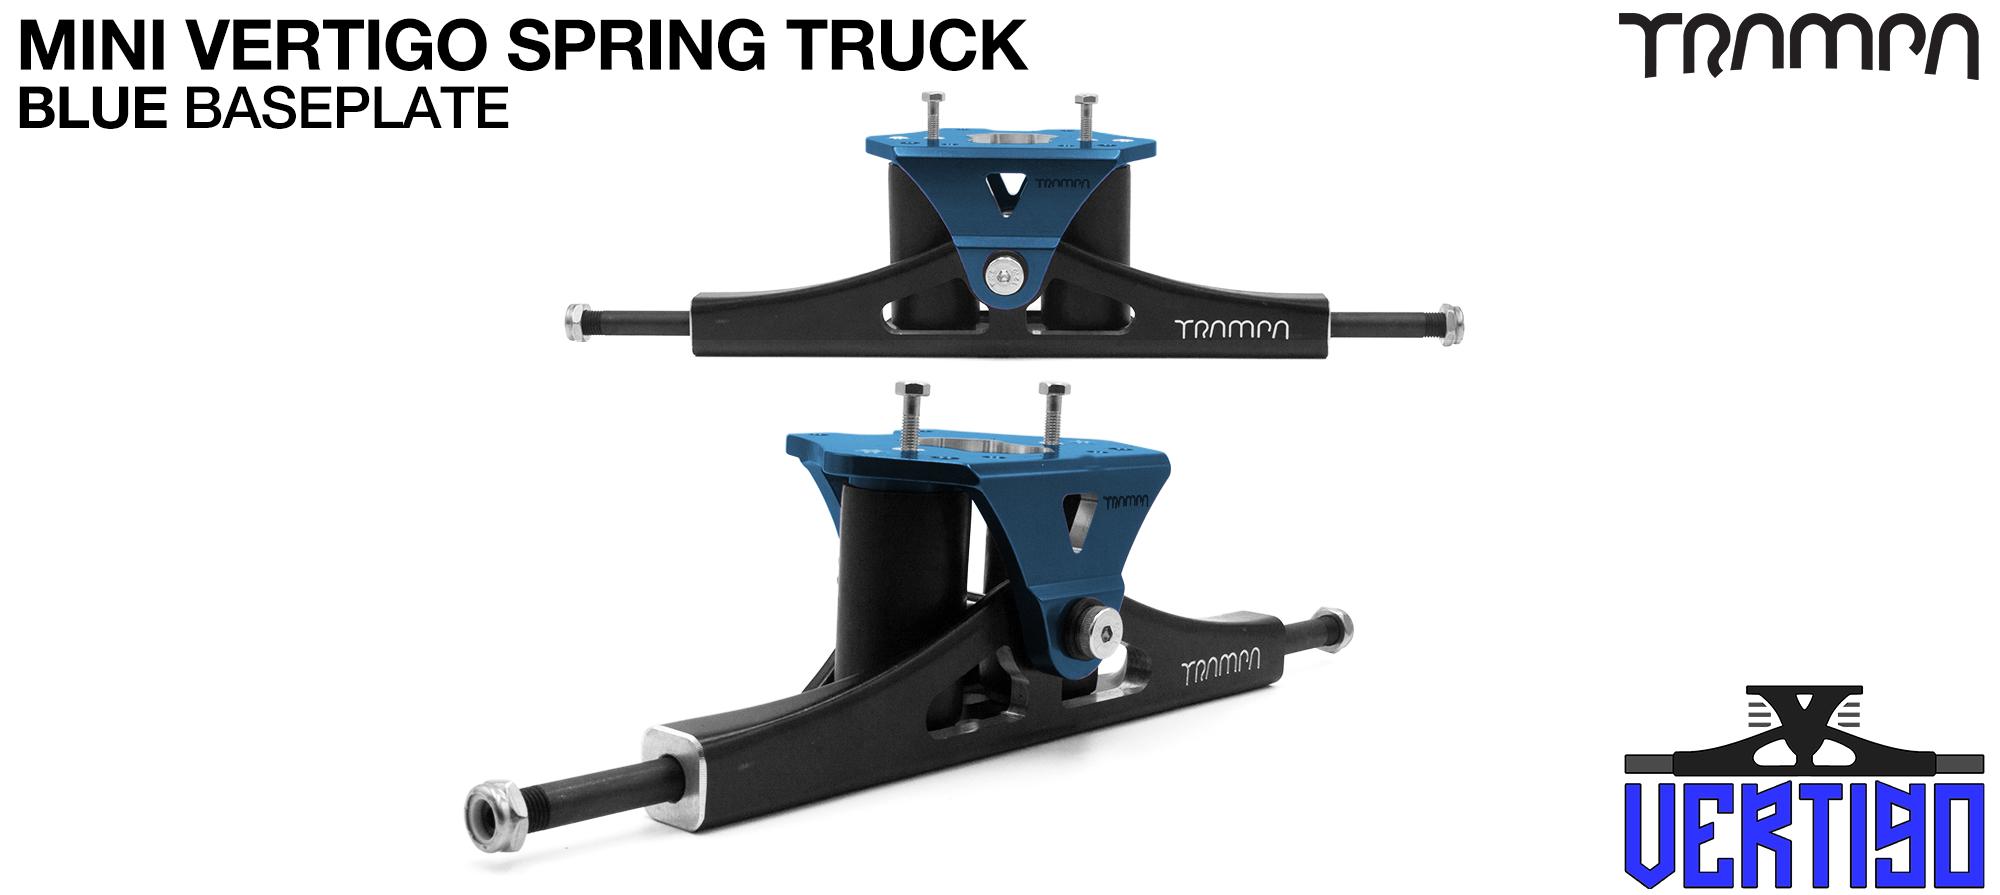 VERTIGO URBAN Carve TRUCKS - 9.525mm HOLLOW Axle - BLUE